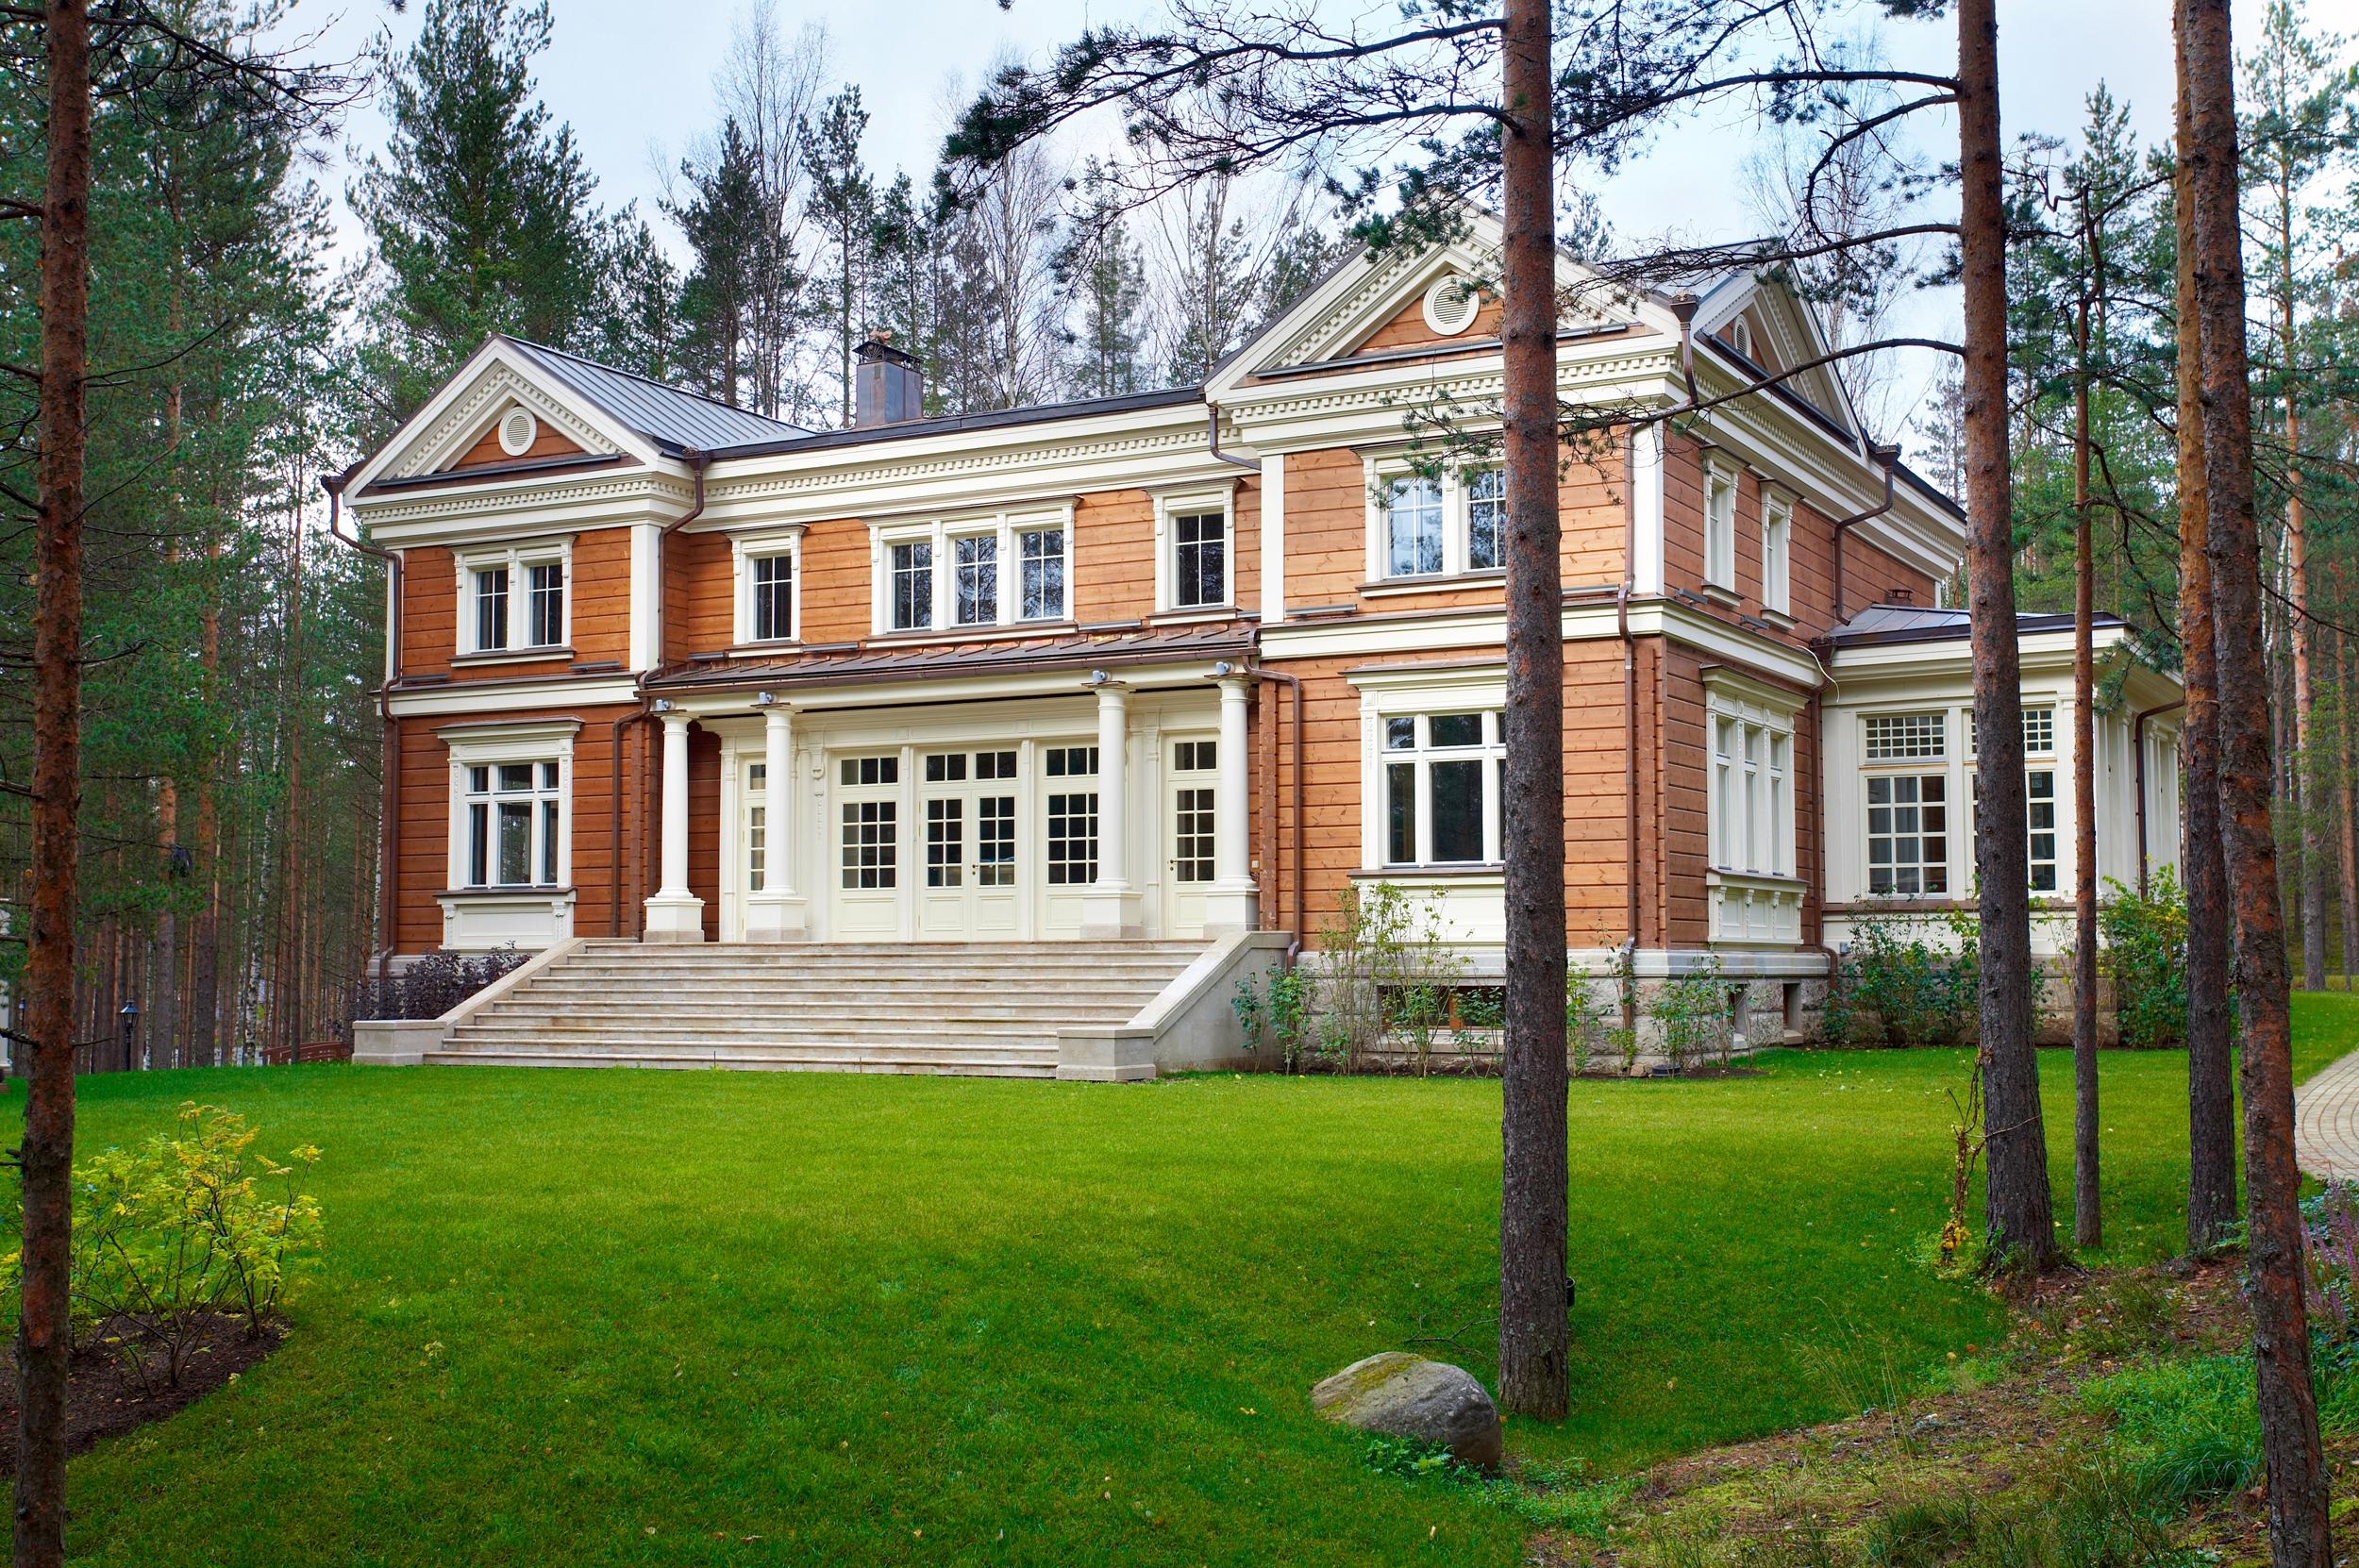 Проект дома в стиле русская усадьба